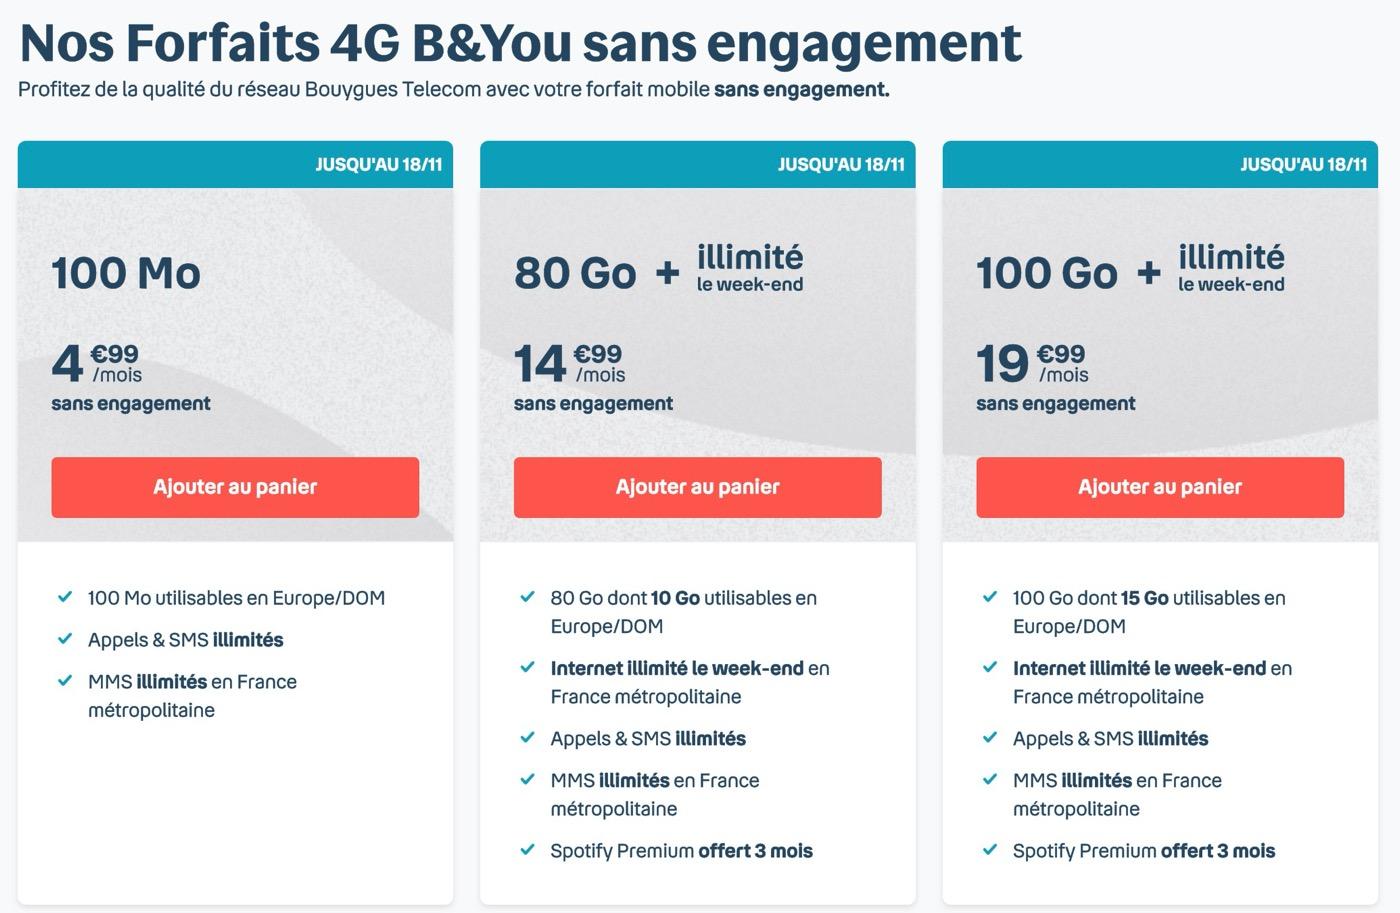 [PROMO] L'incroyable forfait 4G de B&You, 80 Go à 14,99€ par mois et le week-end en illimité